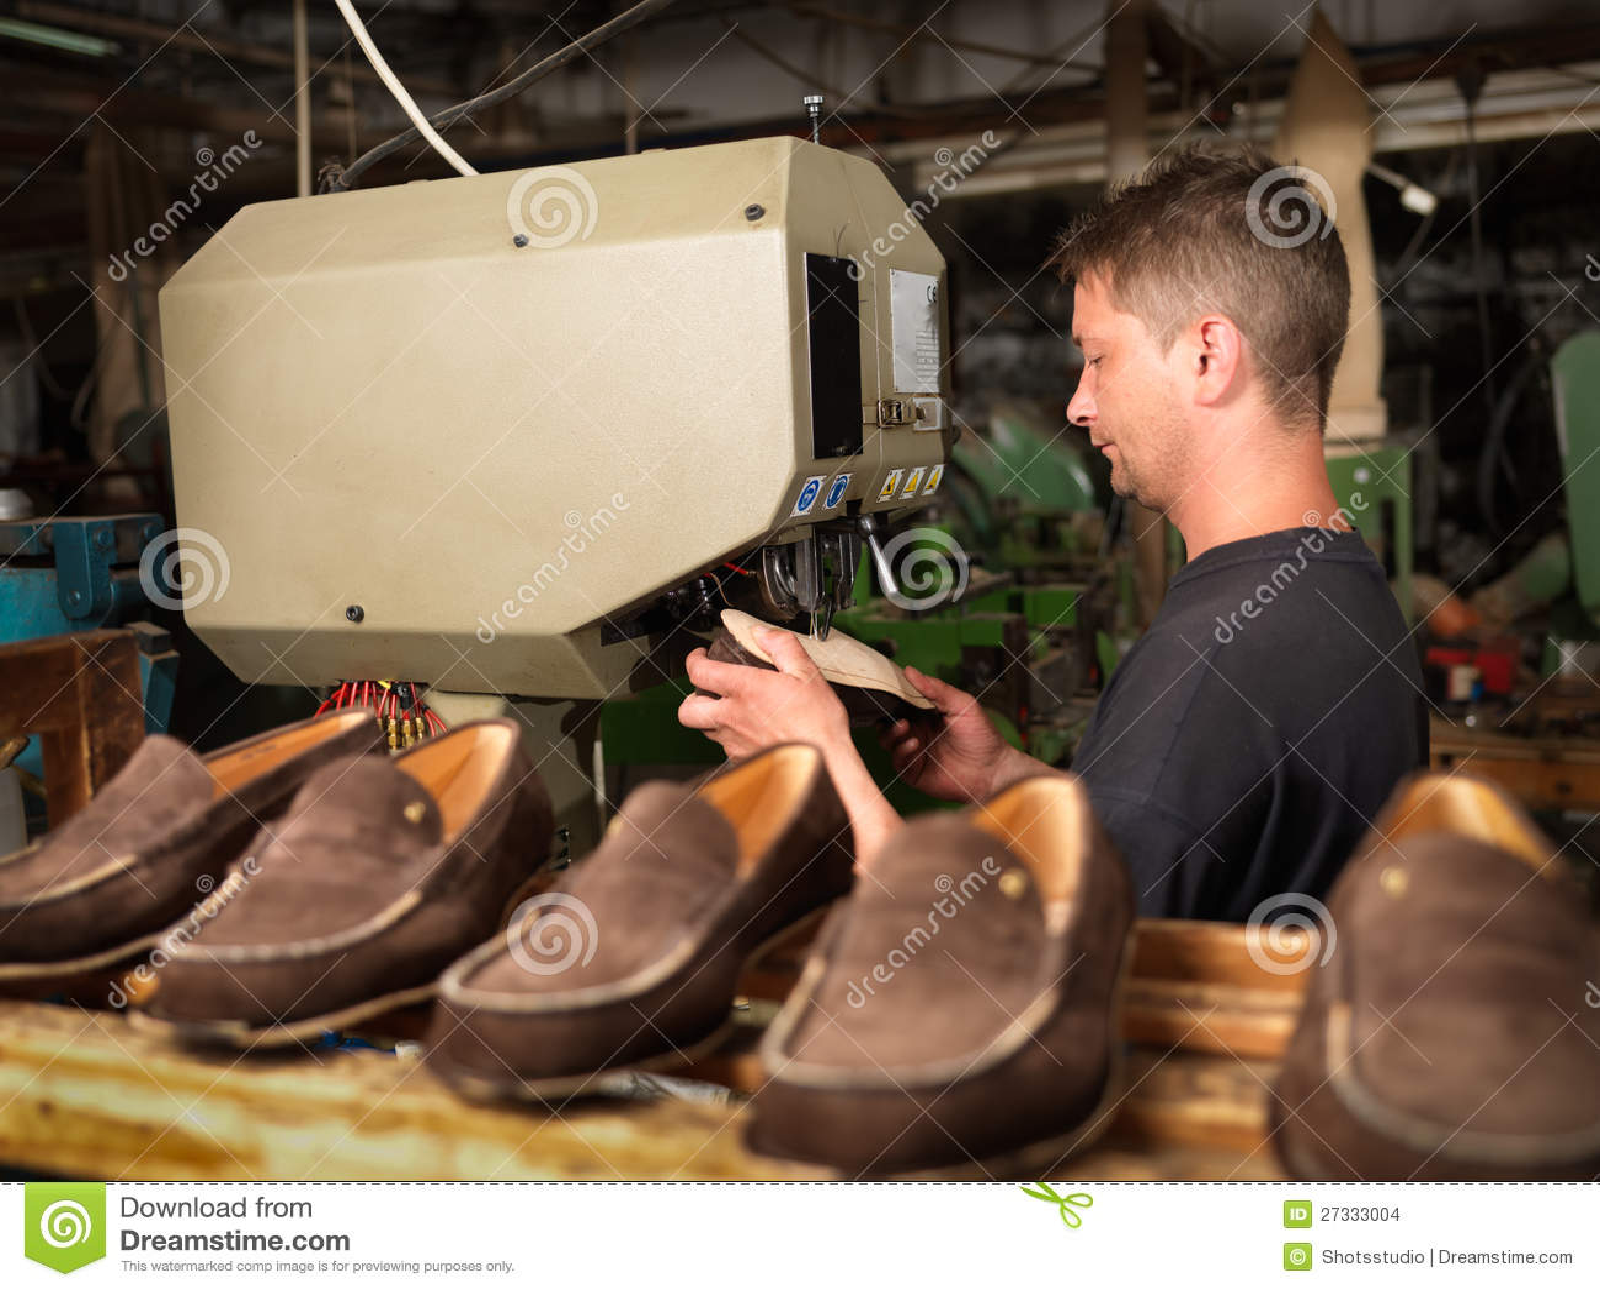 En Archivo Foto Hombre Una Fábrica De Zapato Adulto Que Trabaja EYW2DH9I